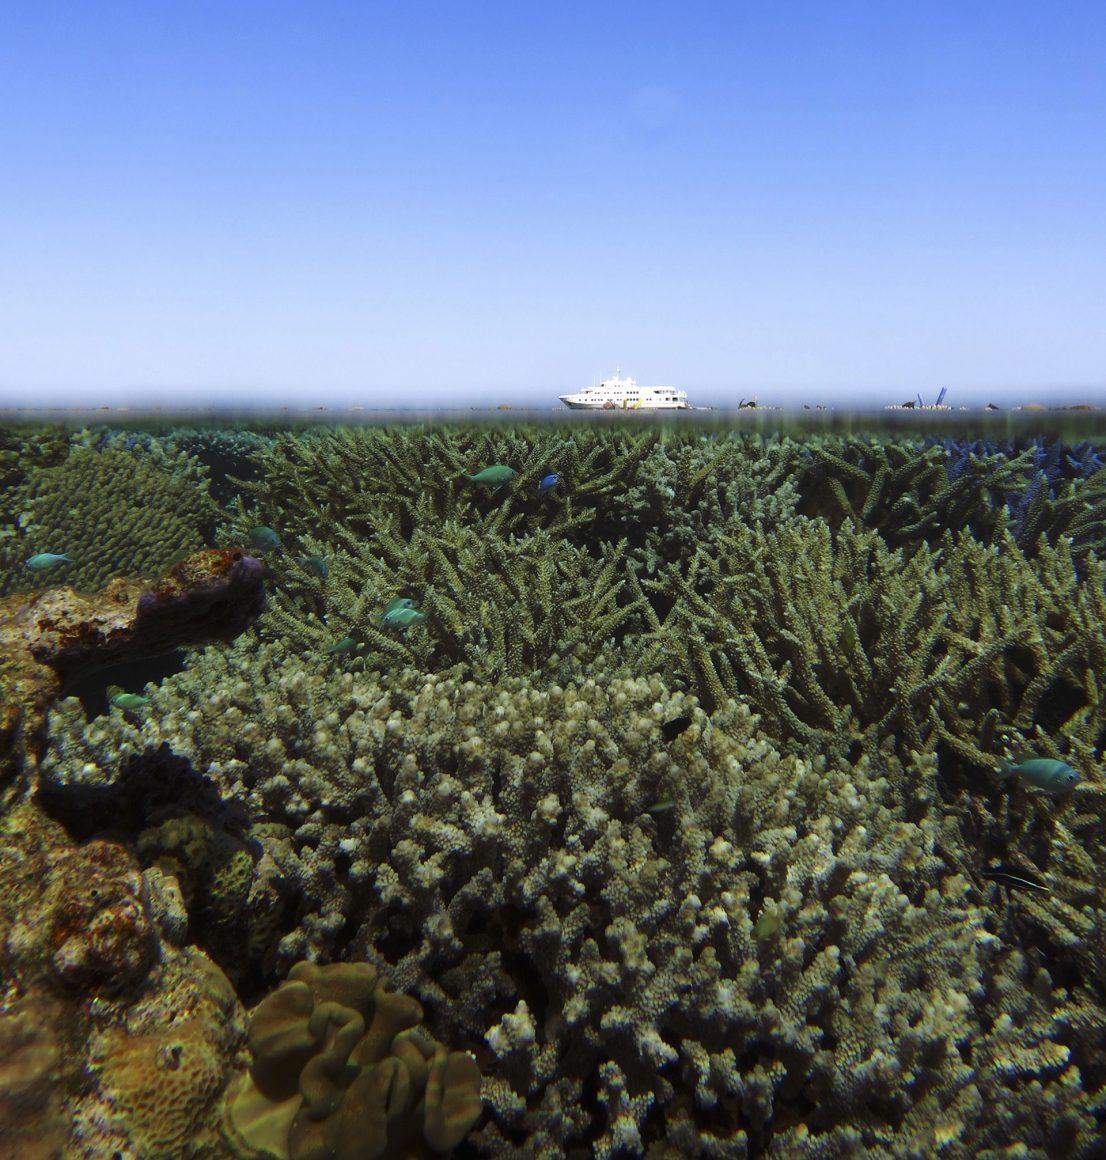 rowley shoals coral